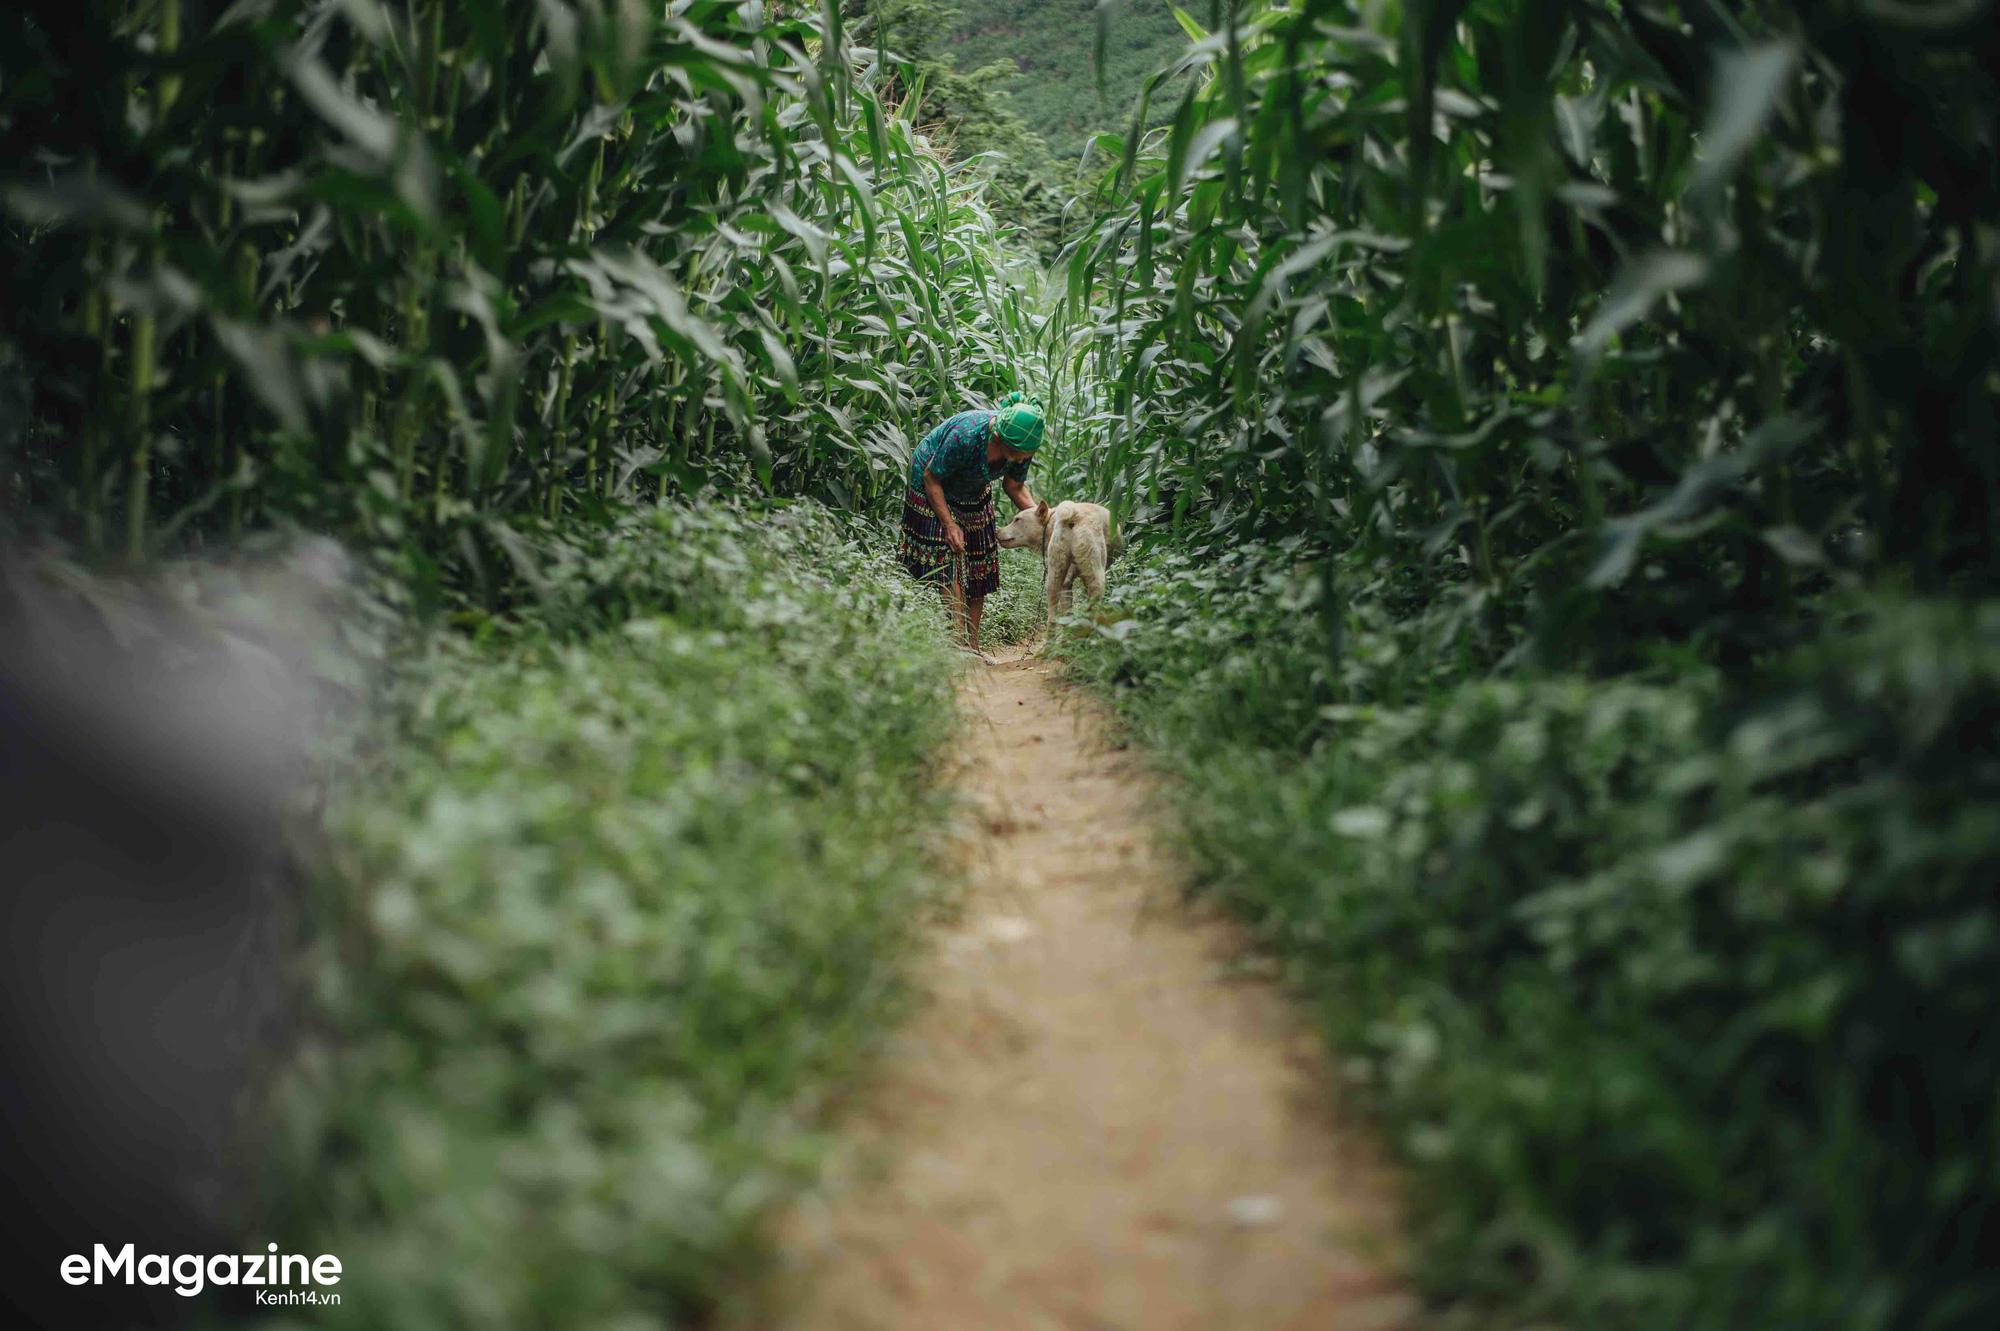 Cuộc đoàn tụ của cụ bà và con chó Cưng ở Hà Giang: Chó về rồi, bà không khóc nữa - Ảnh 8.